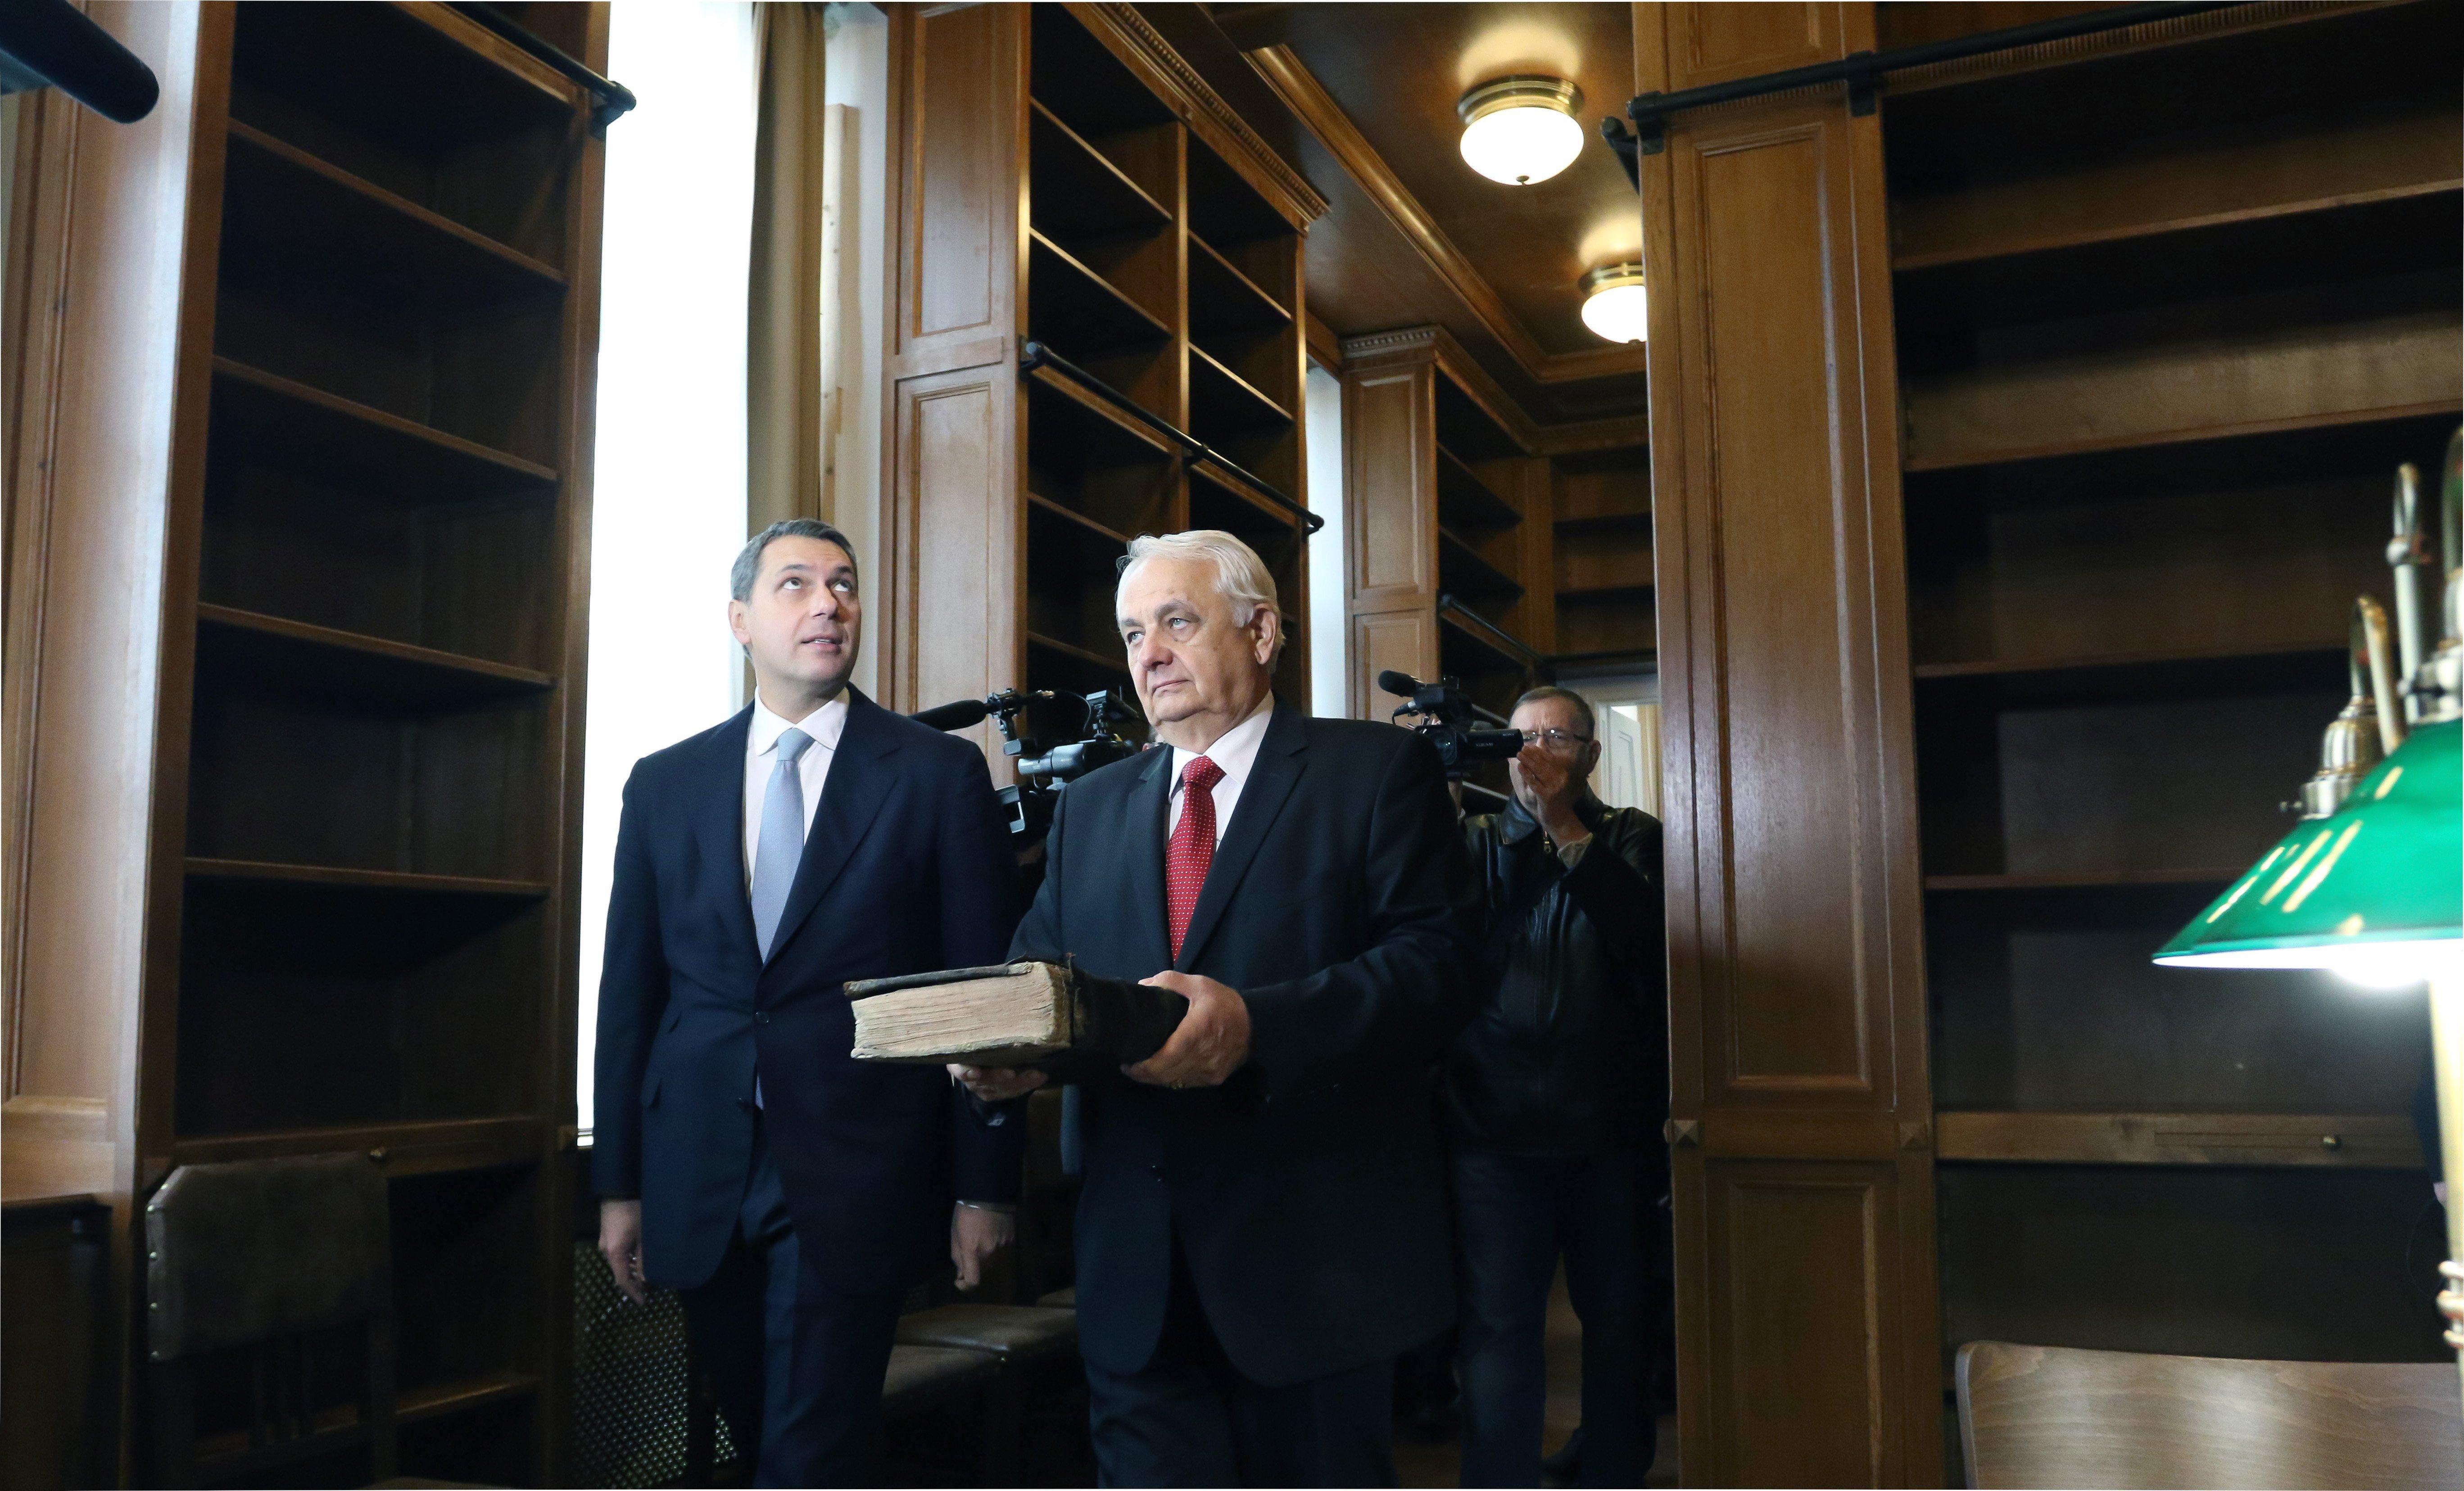 Lázár: A legtöbb, amit egy diáknak adni lehet, hogy jó keresztényt és jó magyart nevelnek belőle